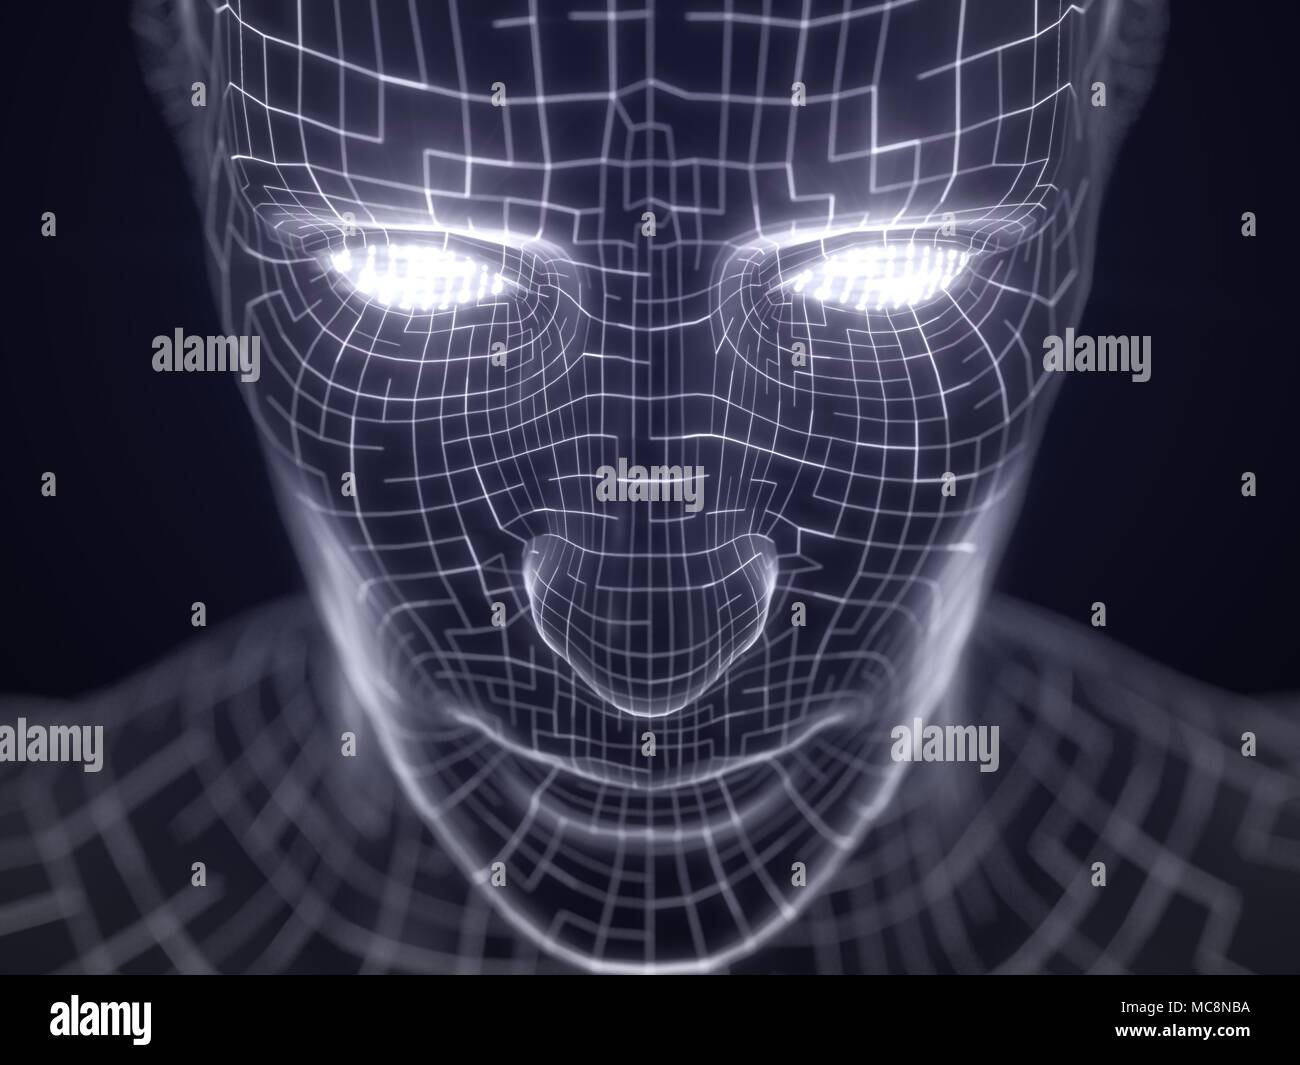 Intelligenza artificiale con concetto virtuale avatar umano. 3d illustrazione. Adatto per tecnologia, intelligenza artificiale, data mining,deep learnin Immagini Stock